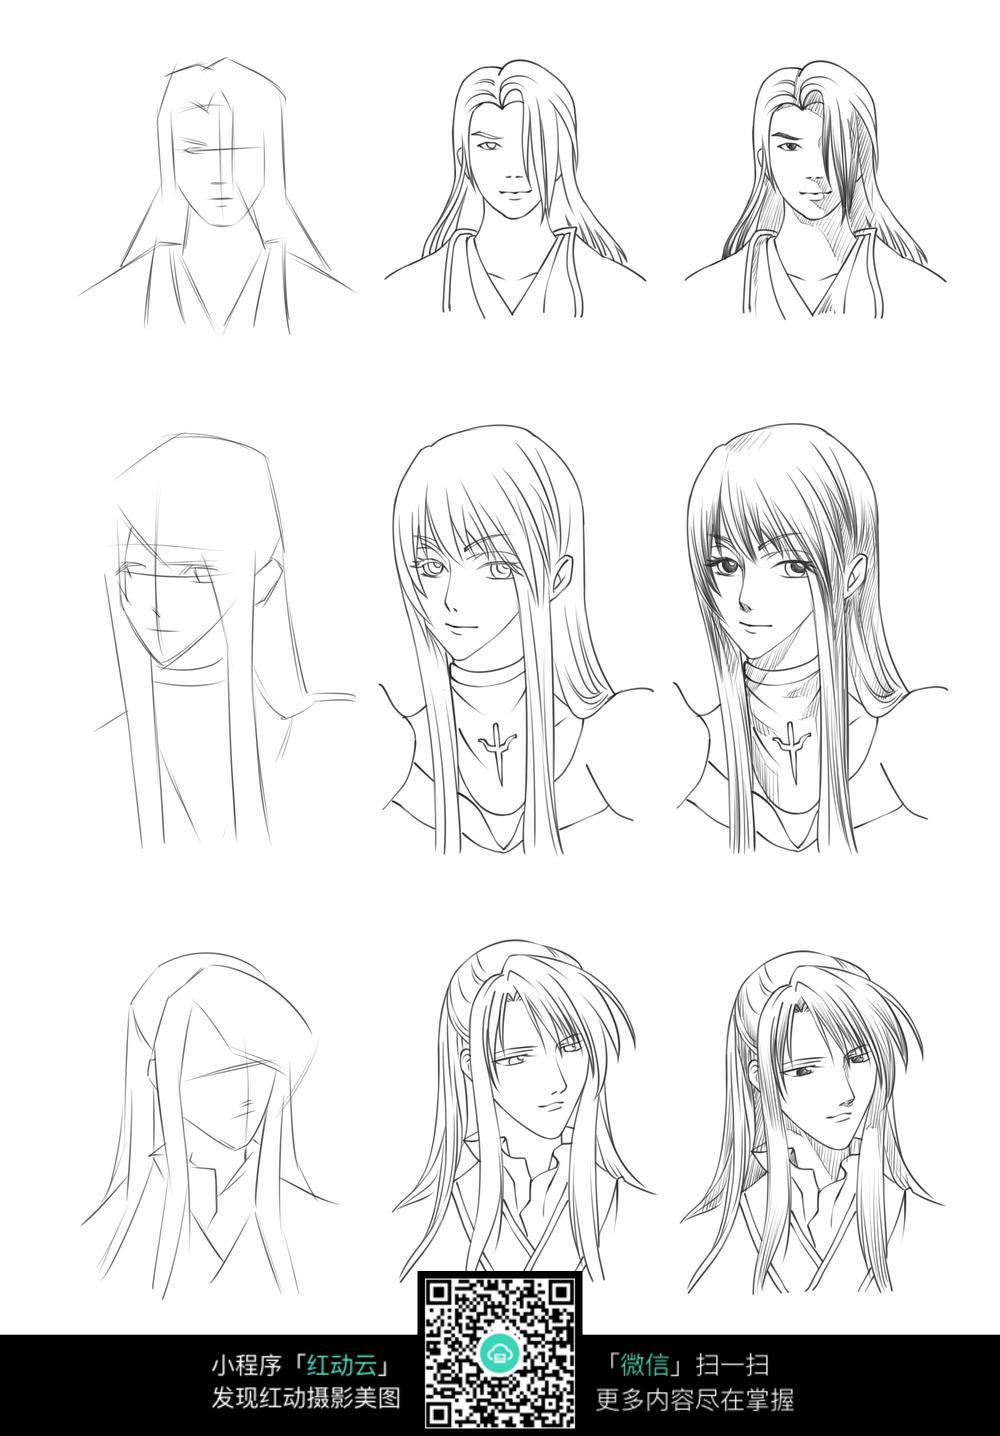 各种长头发男人动漫角色图片